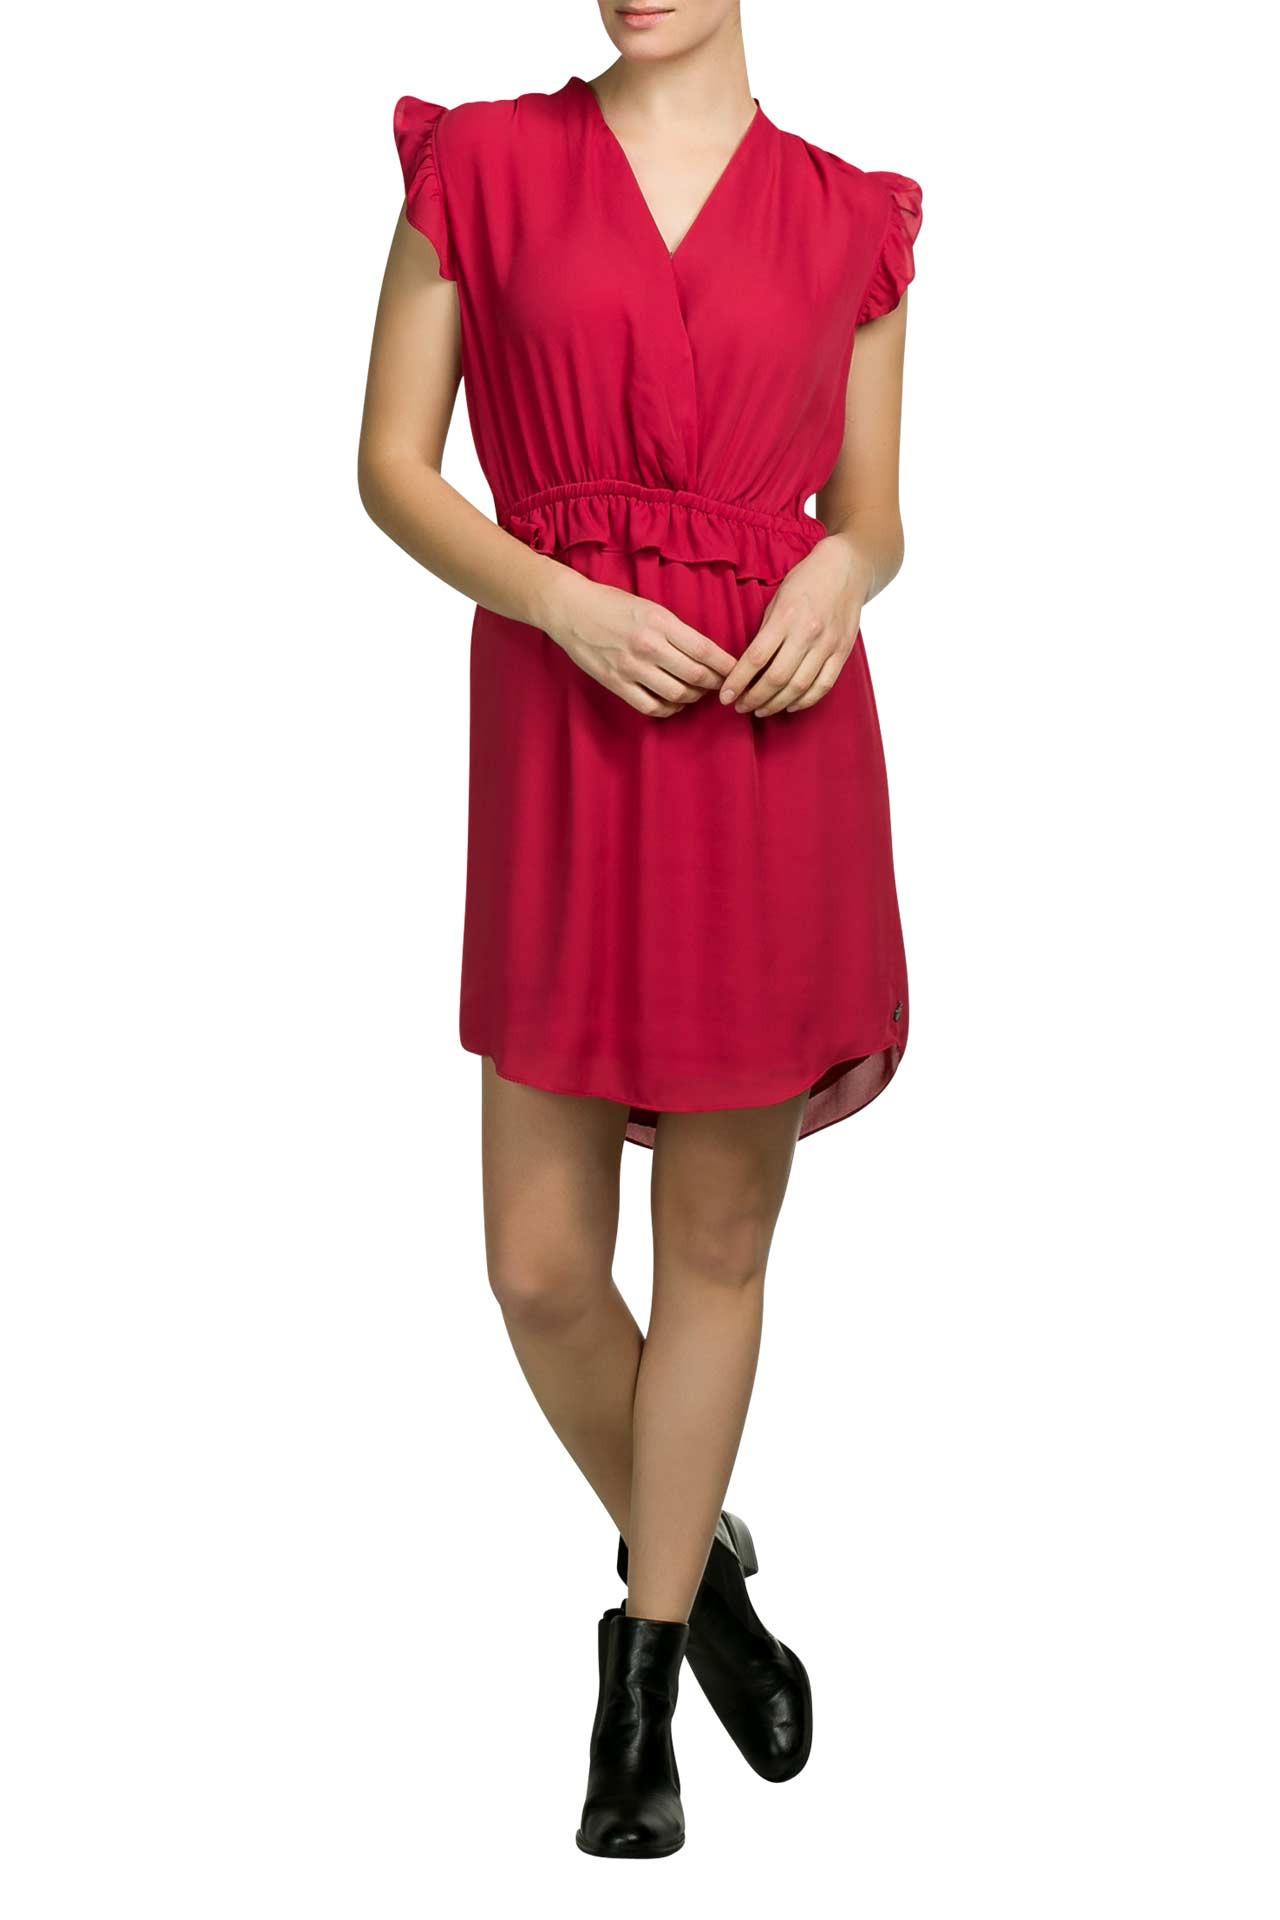 Kleid Rot  Scotch  Soda » Günstig Online Kaufen